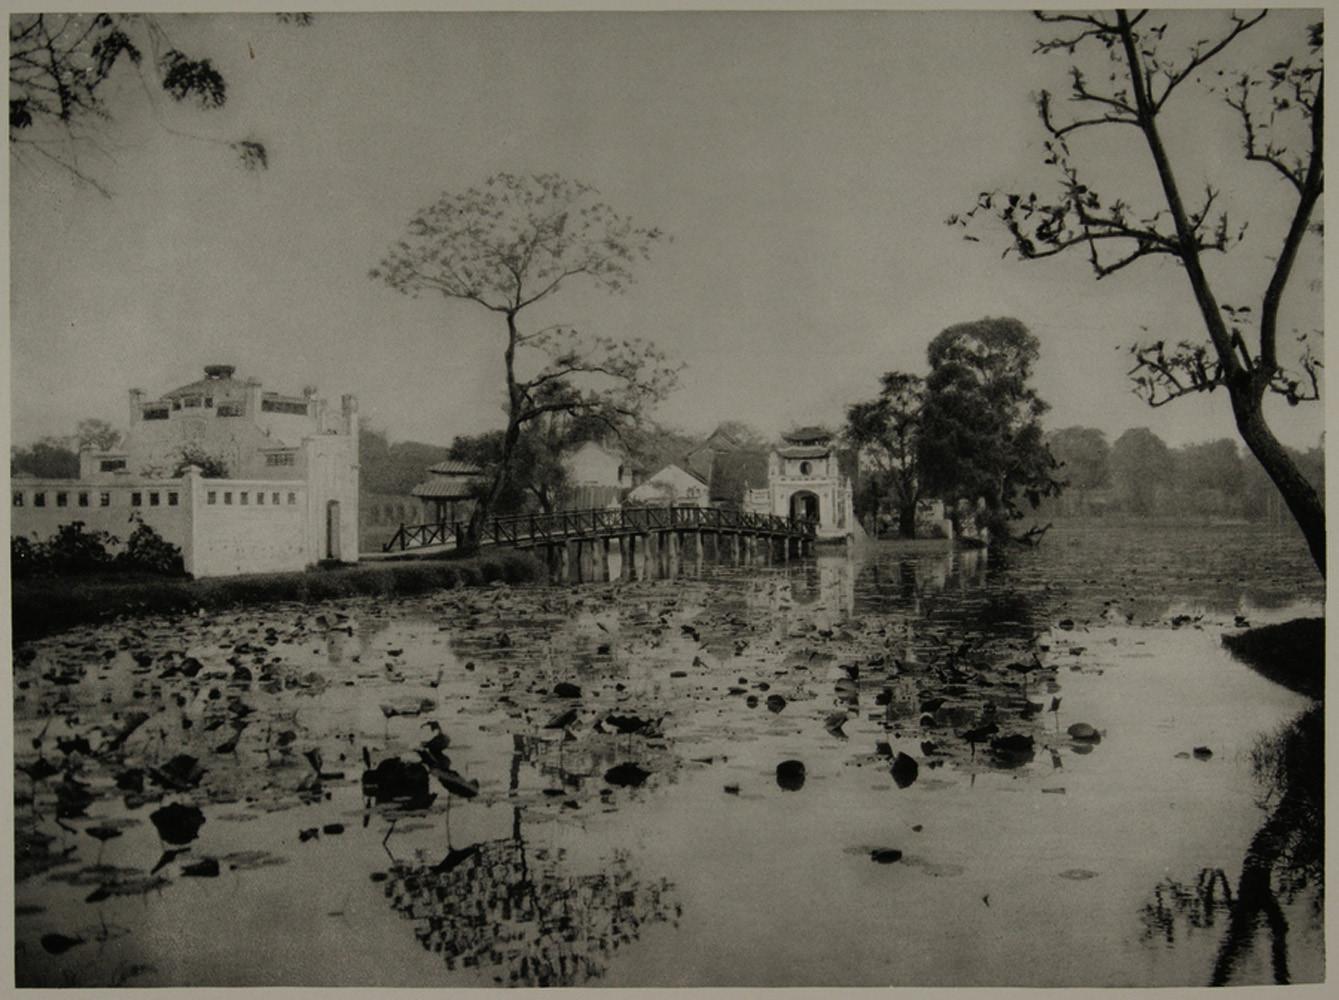 Loạt ảnh quý giá ít người biết về Việt Nam năm 1926